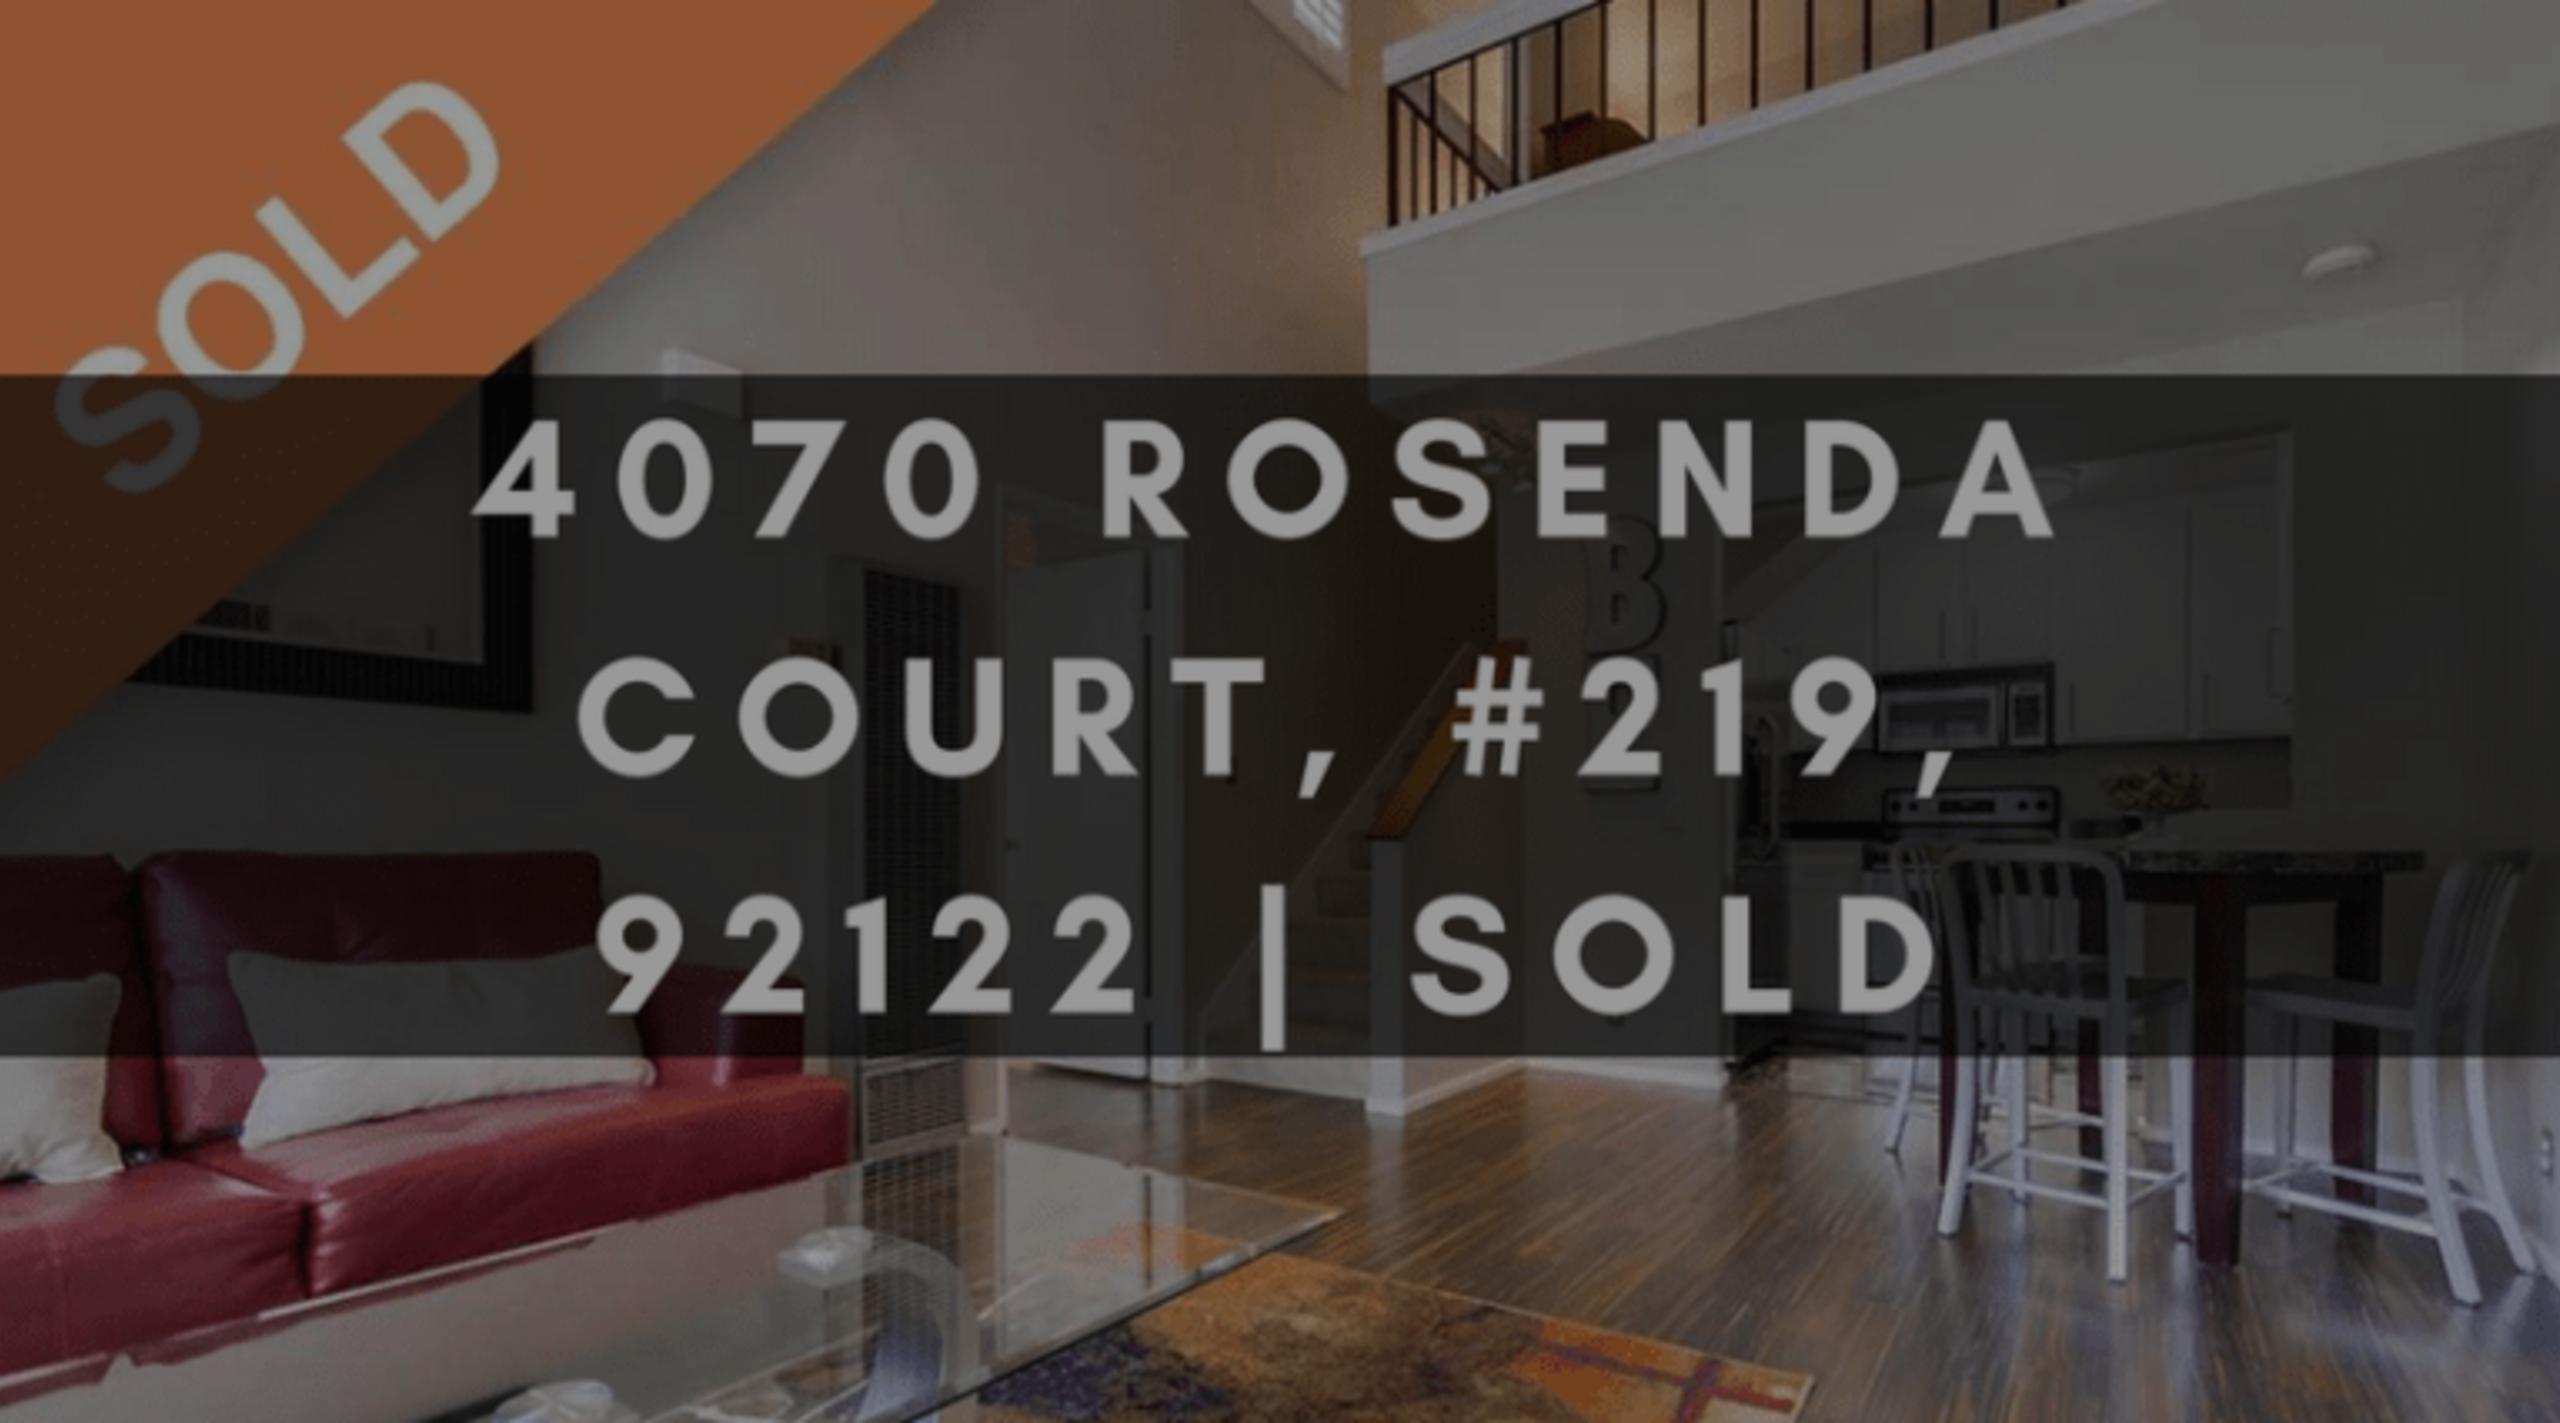 4070 ROSENDA COURT, #219, 92122 | SOLD